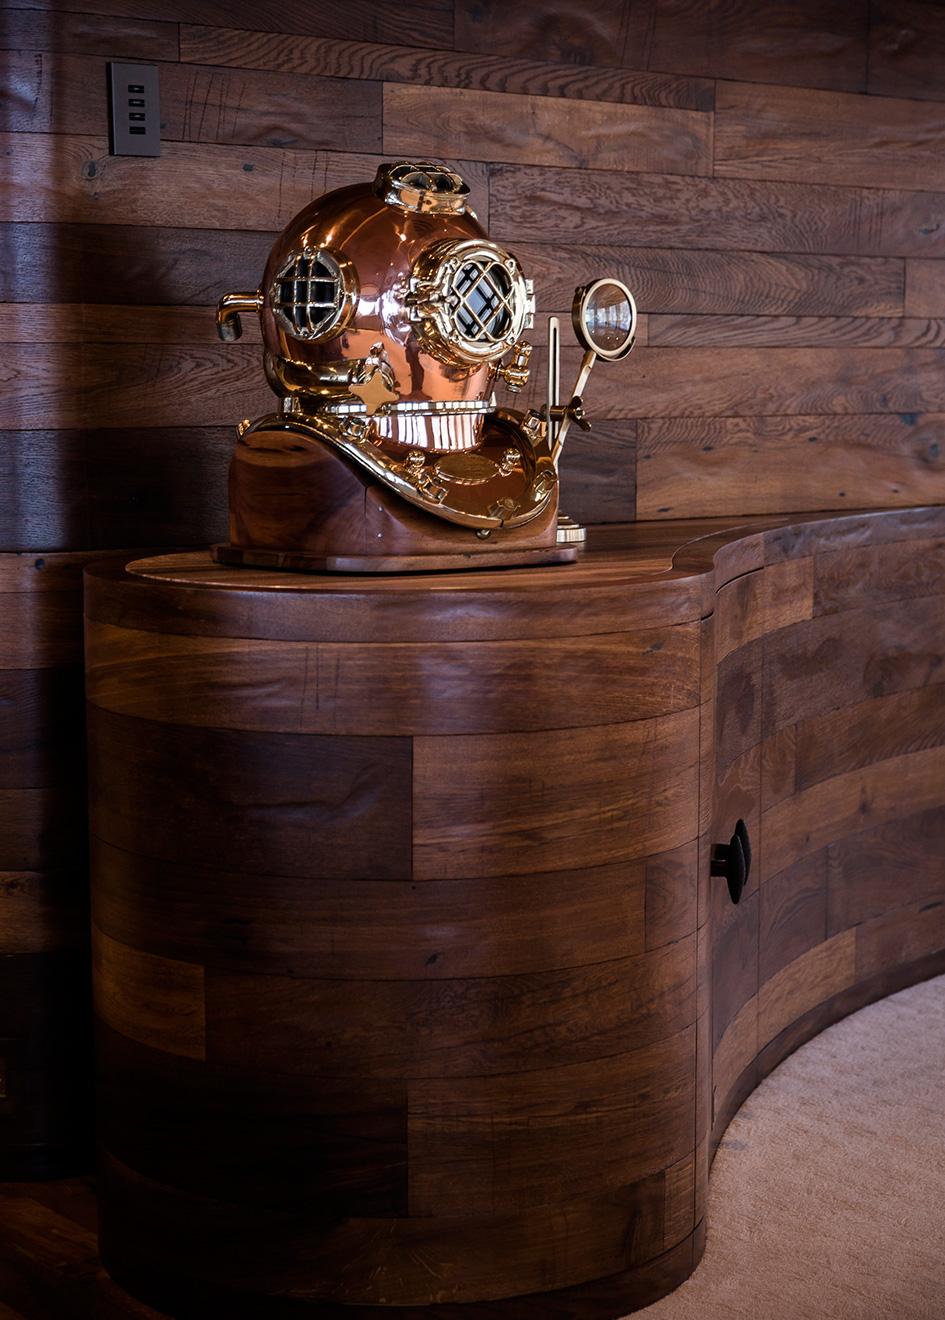 interior-detail-on-explorer-yacht-luna-by-lloyd-werft